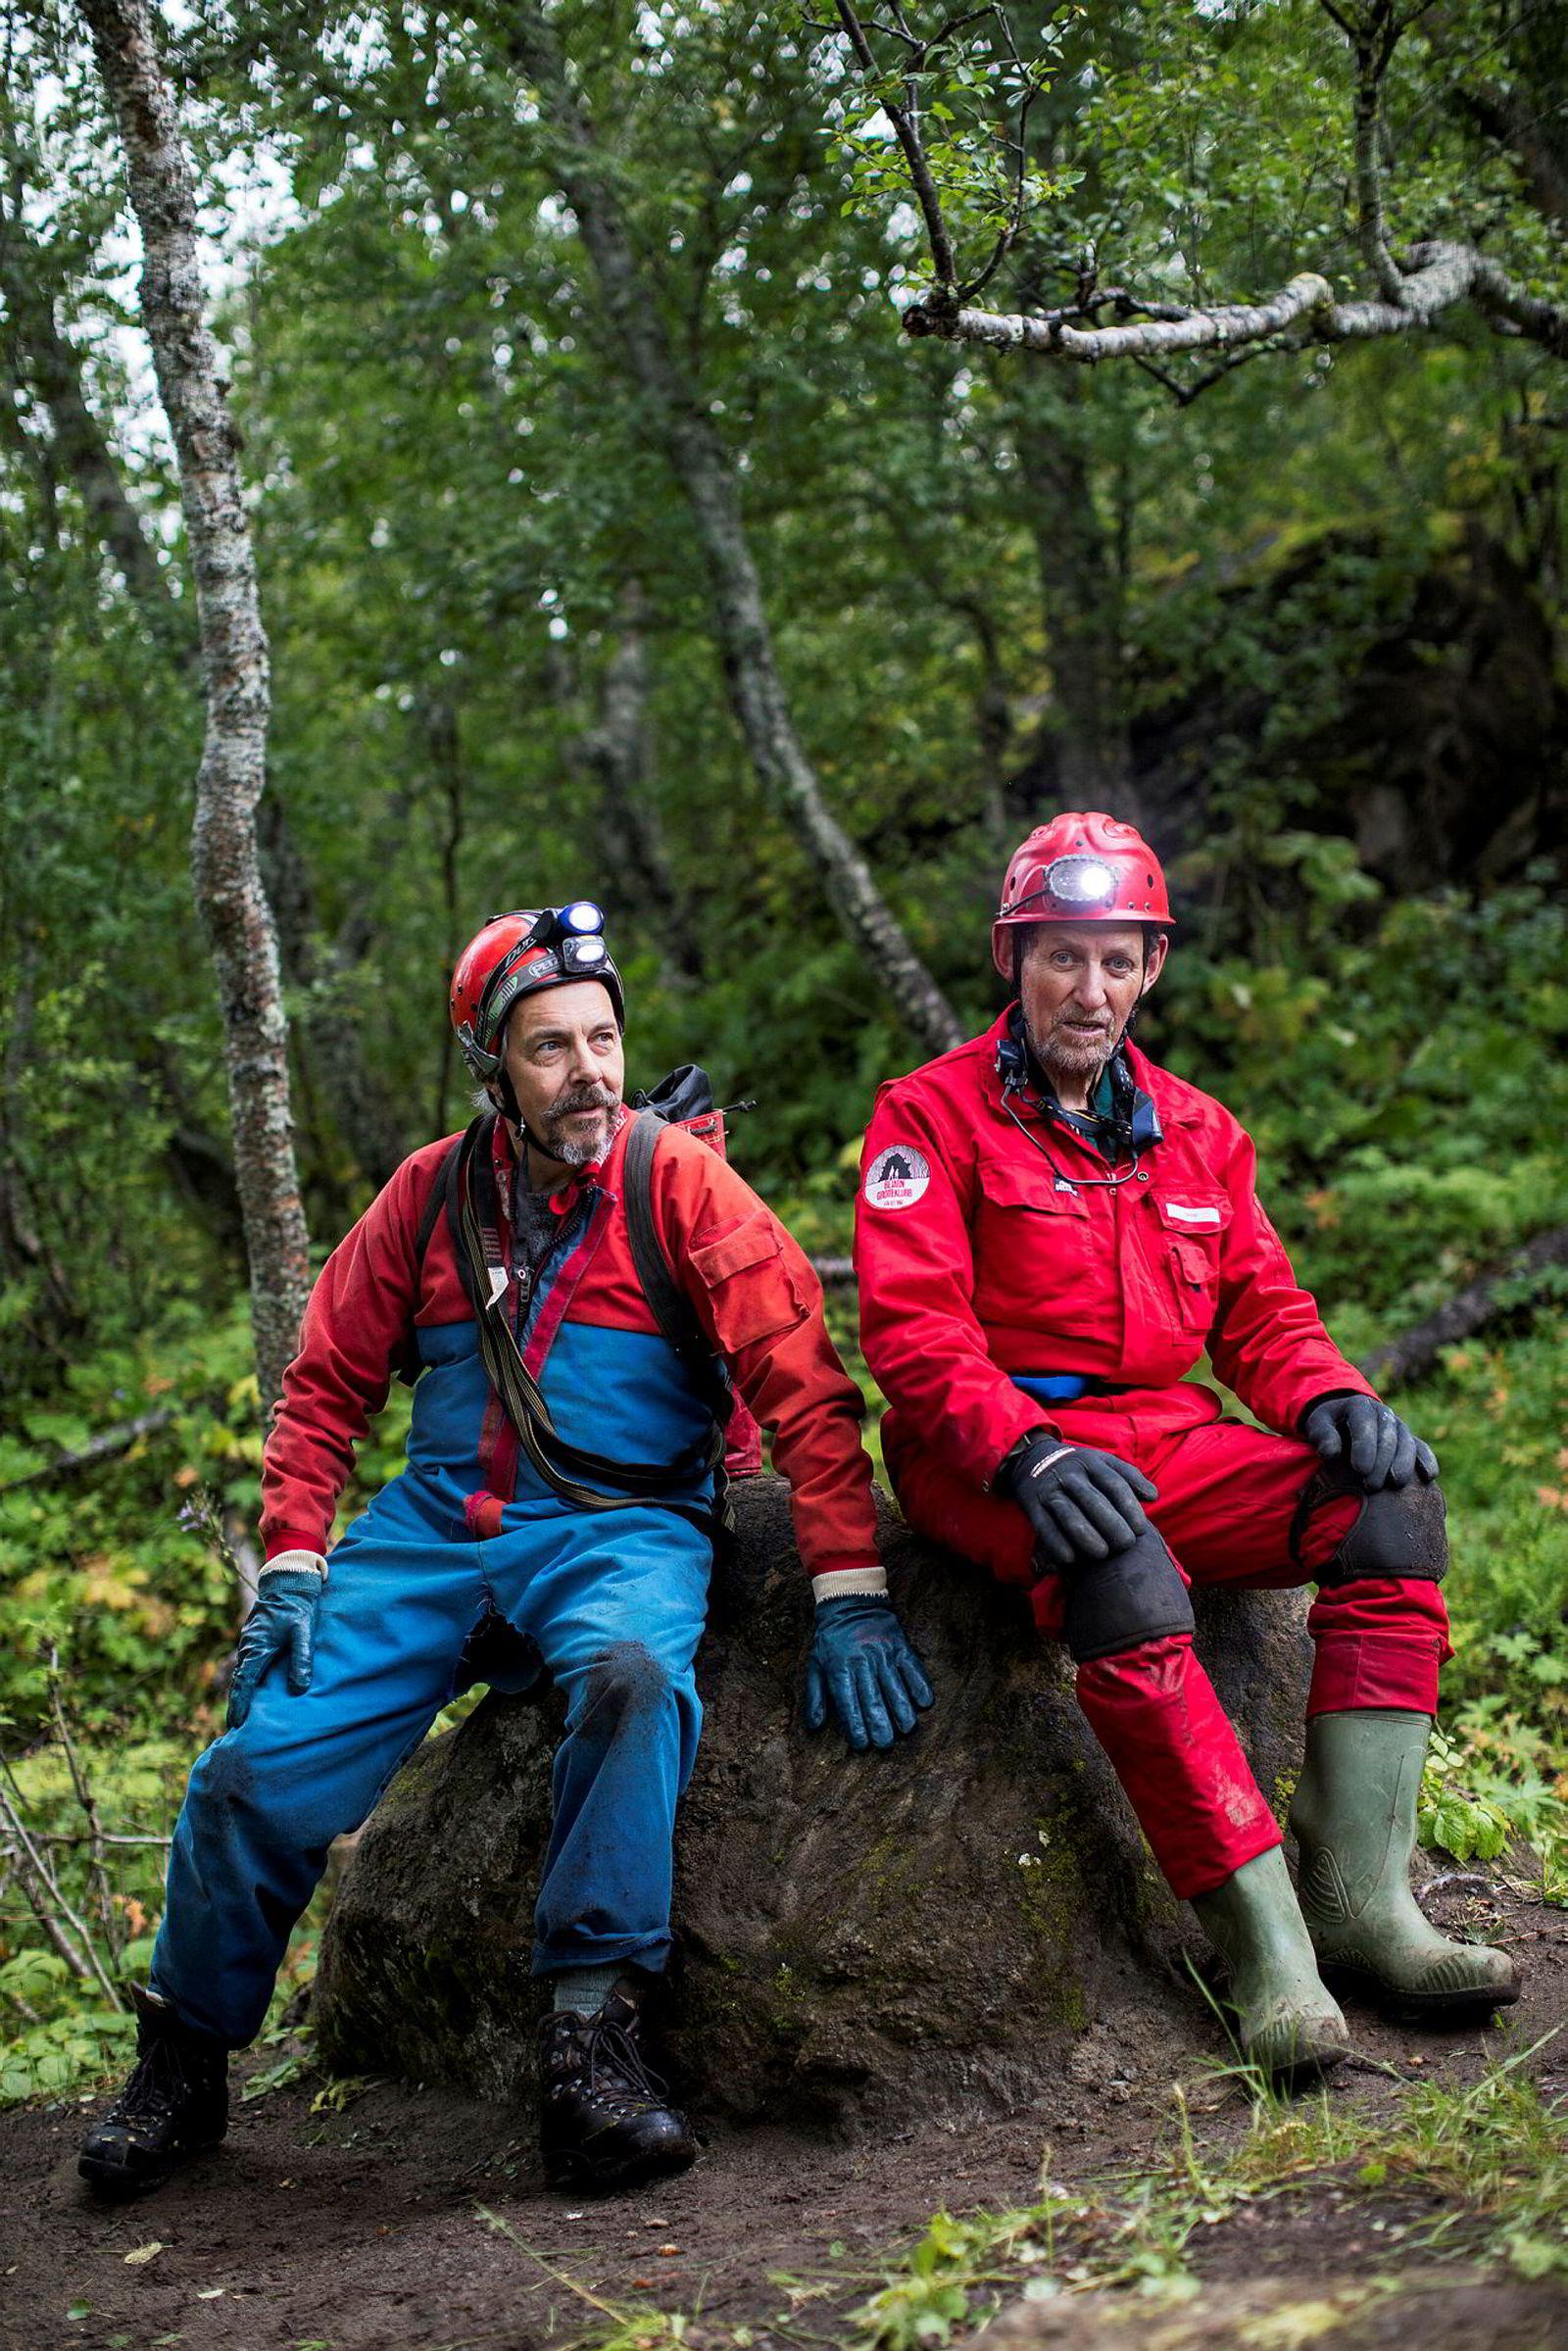 I 50 år har Ulv Holbye (til venstre) og David St. Pierre sammen utforsket grotteganger i Nordland. Selv om St. Pierre fyller 80 år i november neste år, håper de å kunne krype sammen i grotter i mange år til.